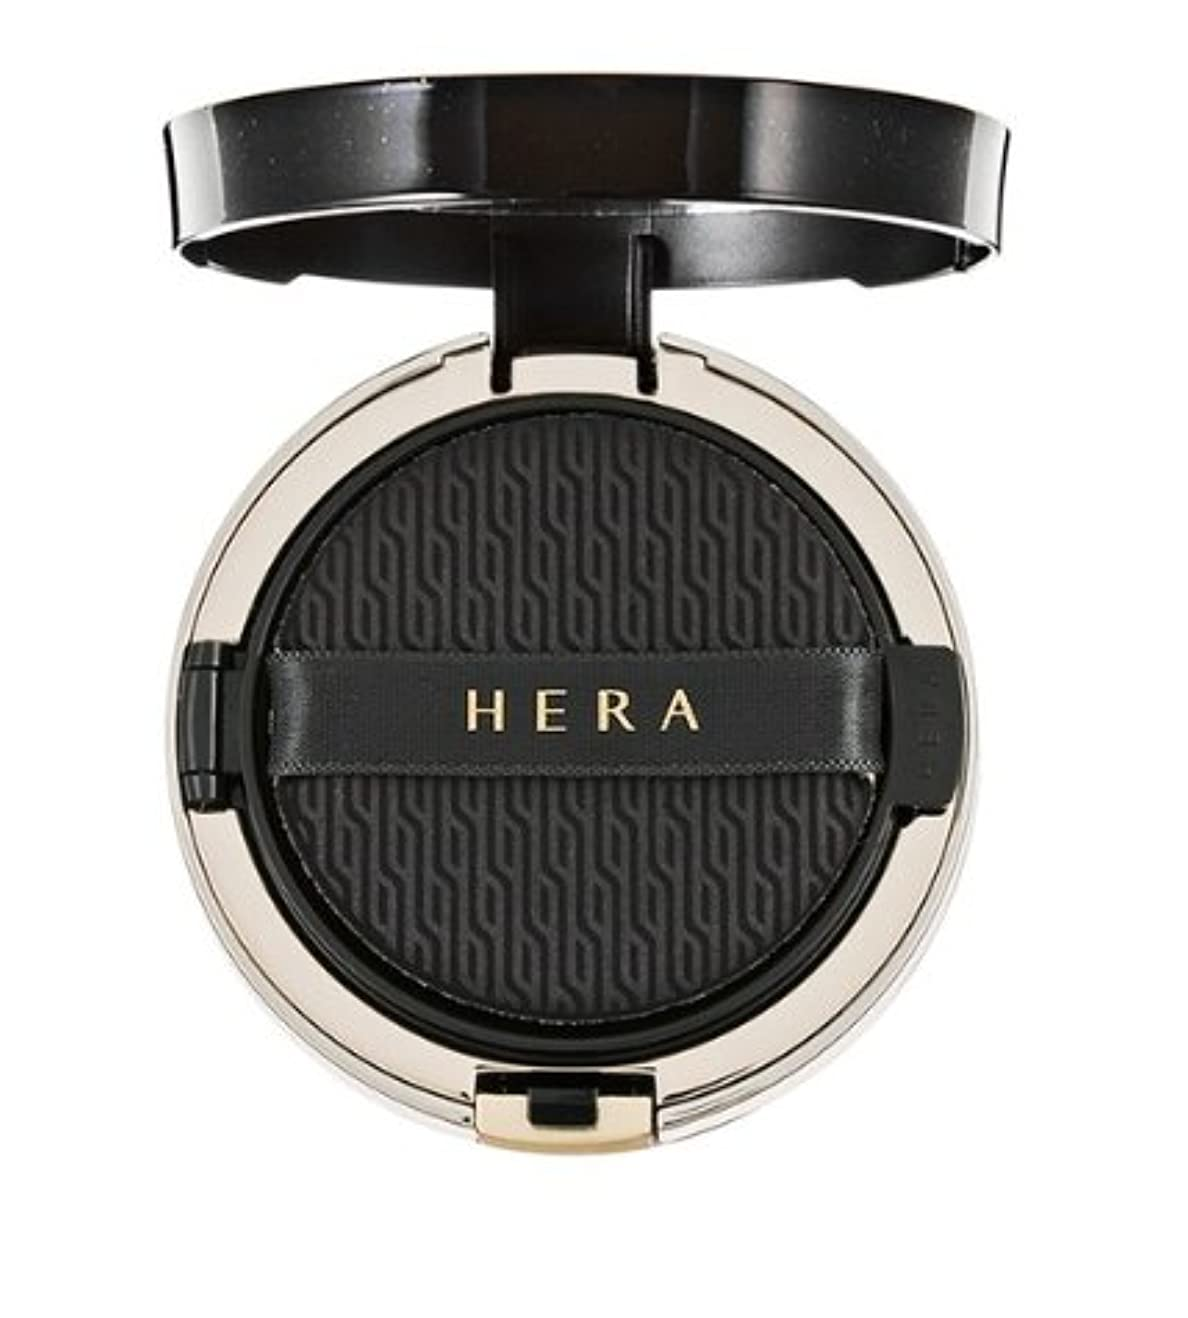 (ヘラ) Hera ブラッククッション SPF34/PA++ 本品15g+リフィール15g / Black Cushion SPF34/PA++ 15g+Refil15g (No.23 Beige) (韓国直発送) shumaman